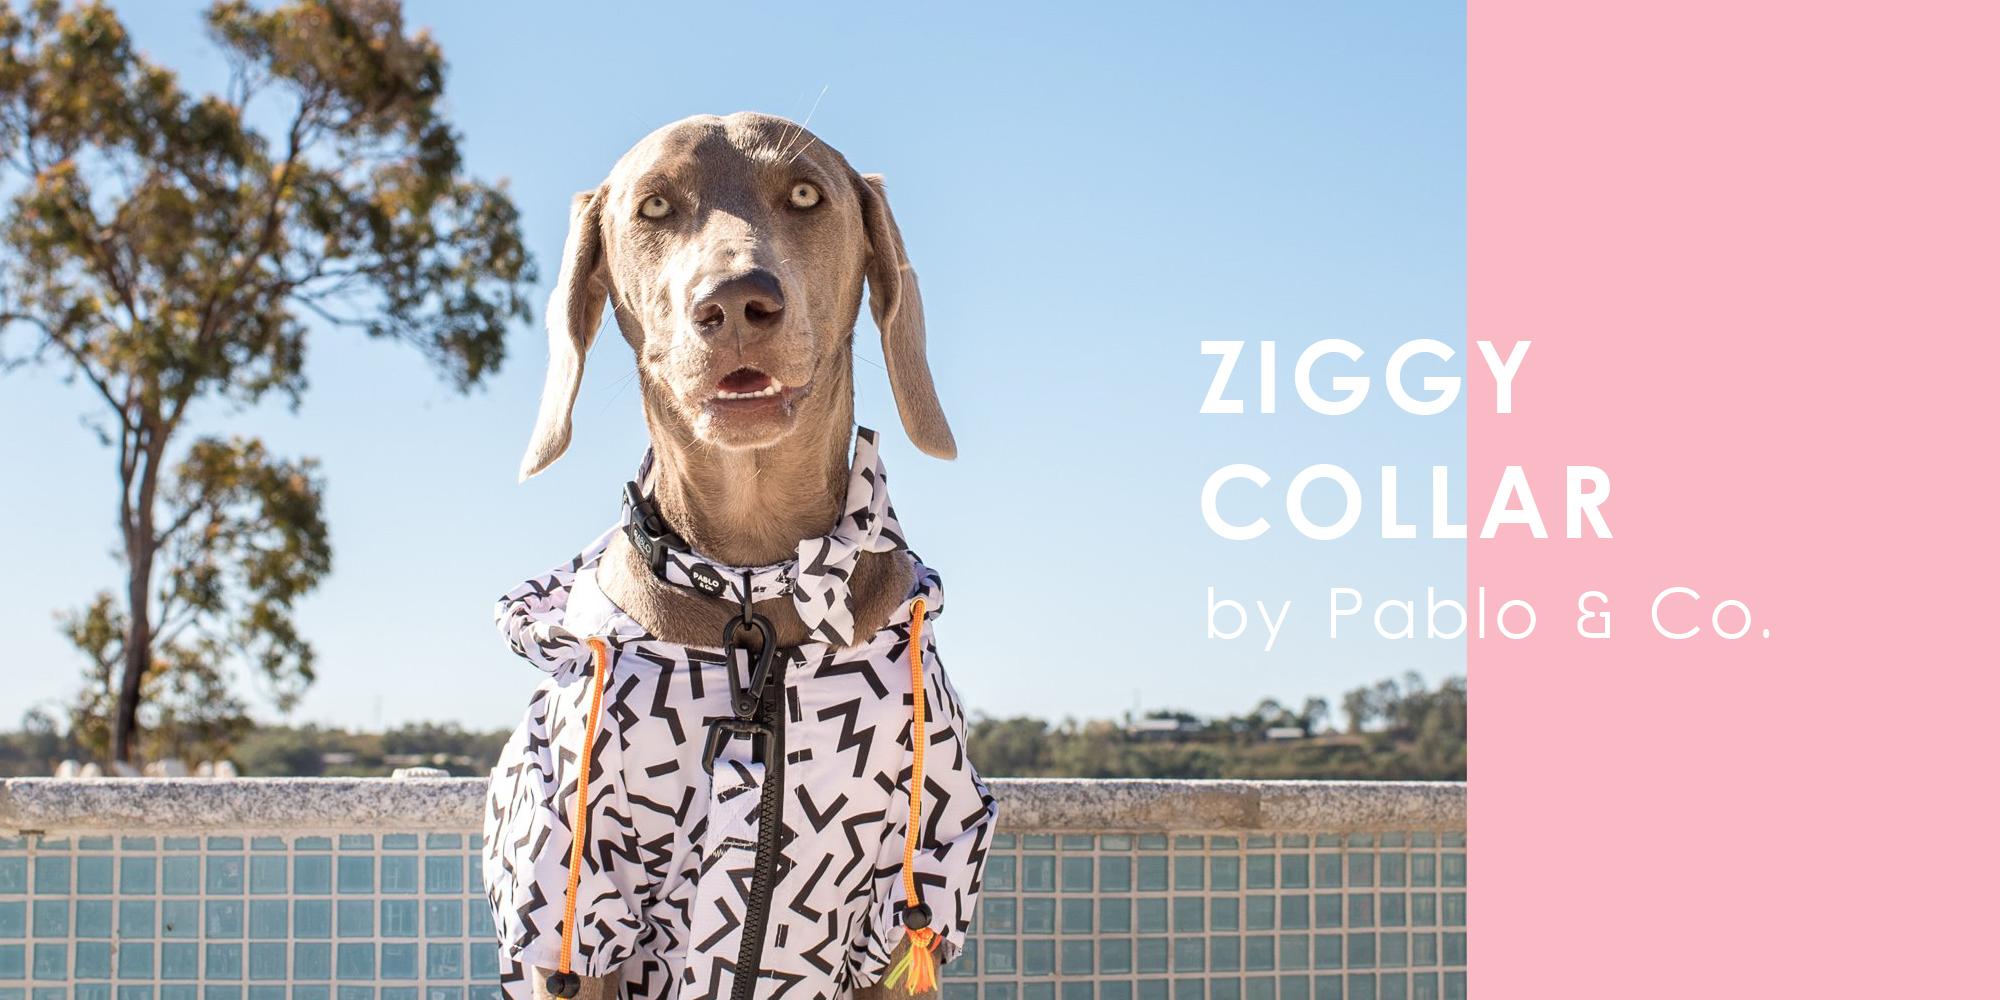 オーストラリアのドッグブランド「Pablo & Co.(パブロ&コー)」のシンプルジグザグ模様の首輪。